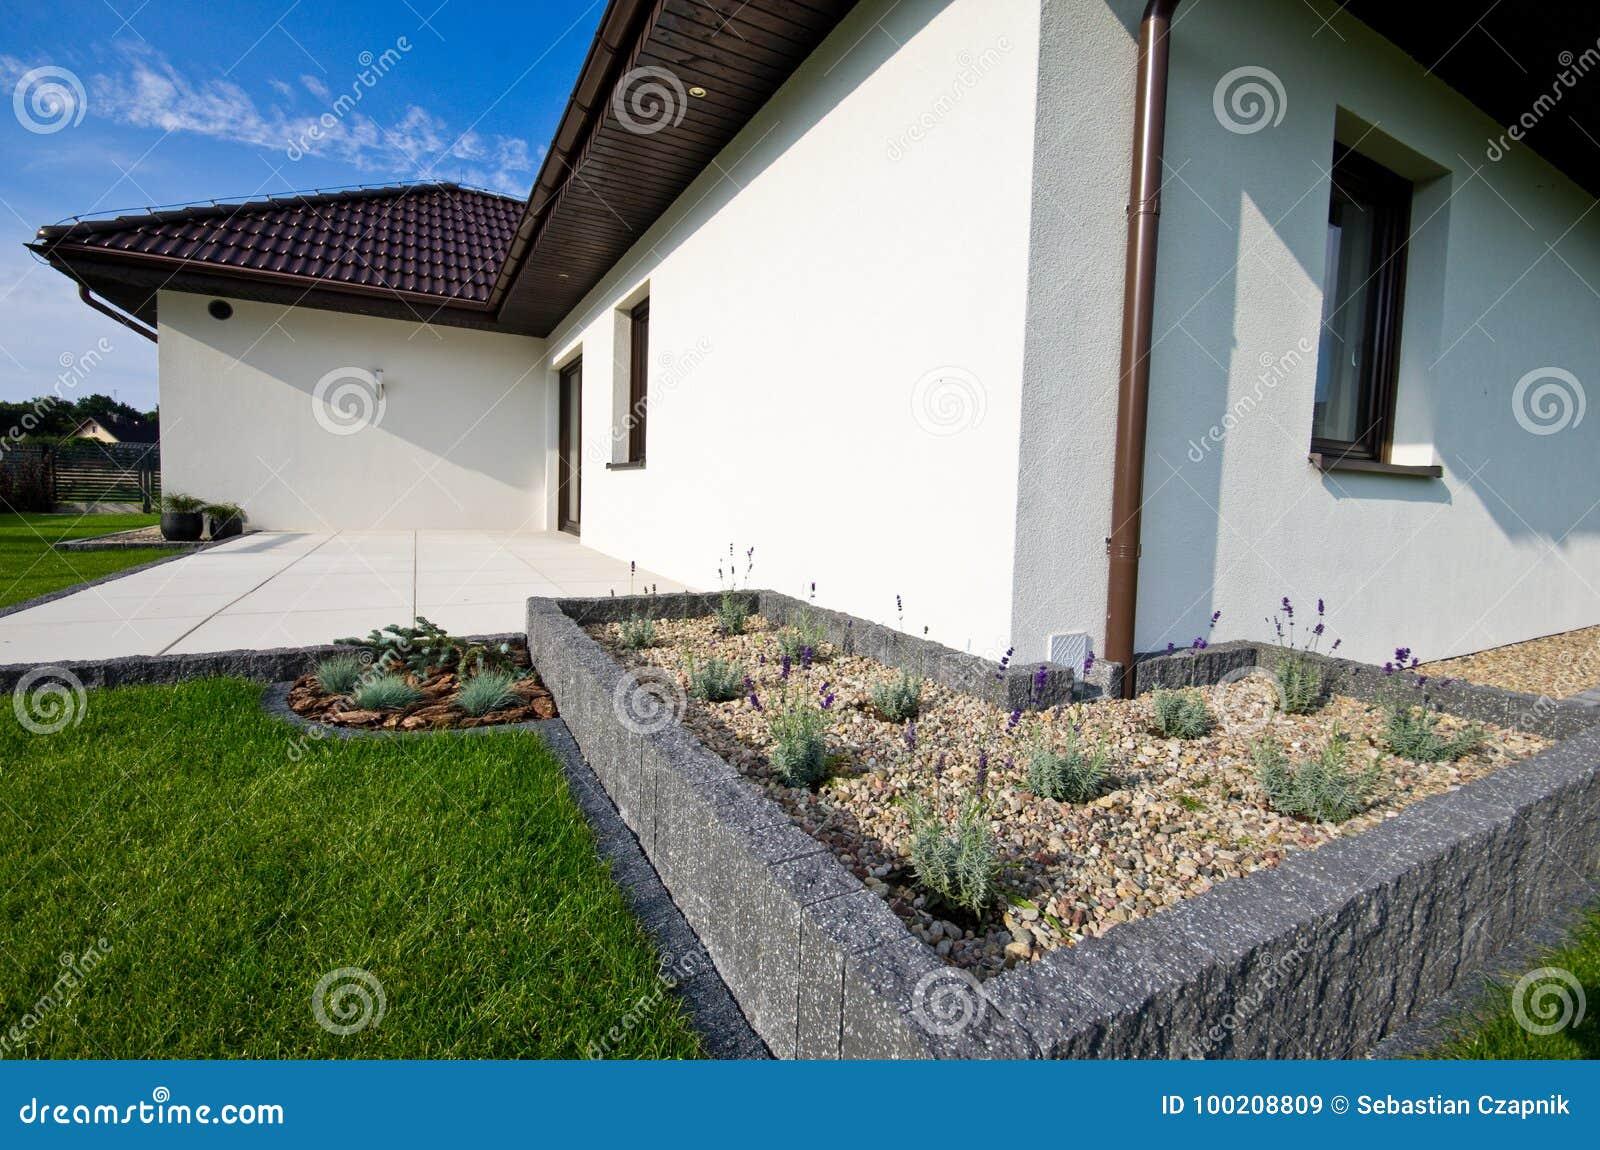 Esterno Di Una Casa : Esterno di una casa moderna con architettura elegante immagine